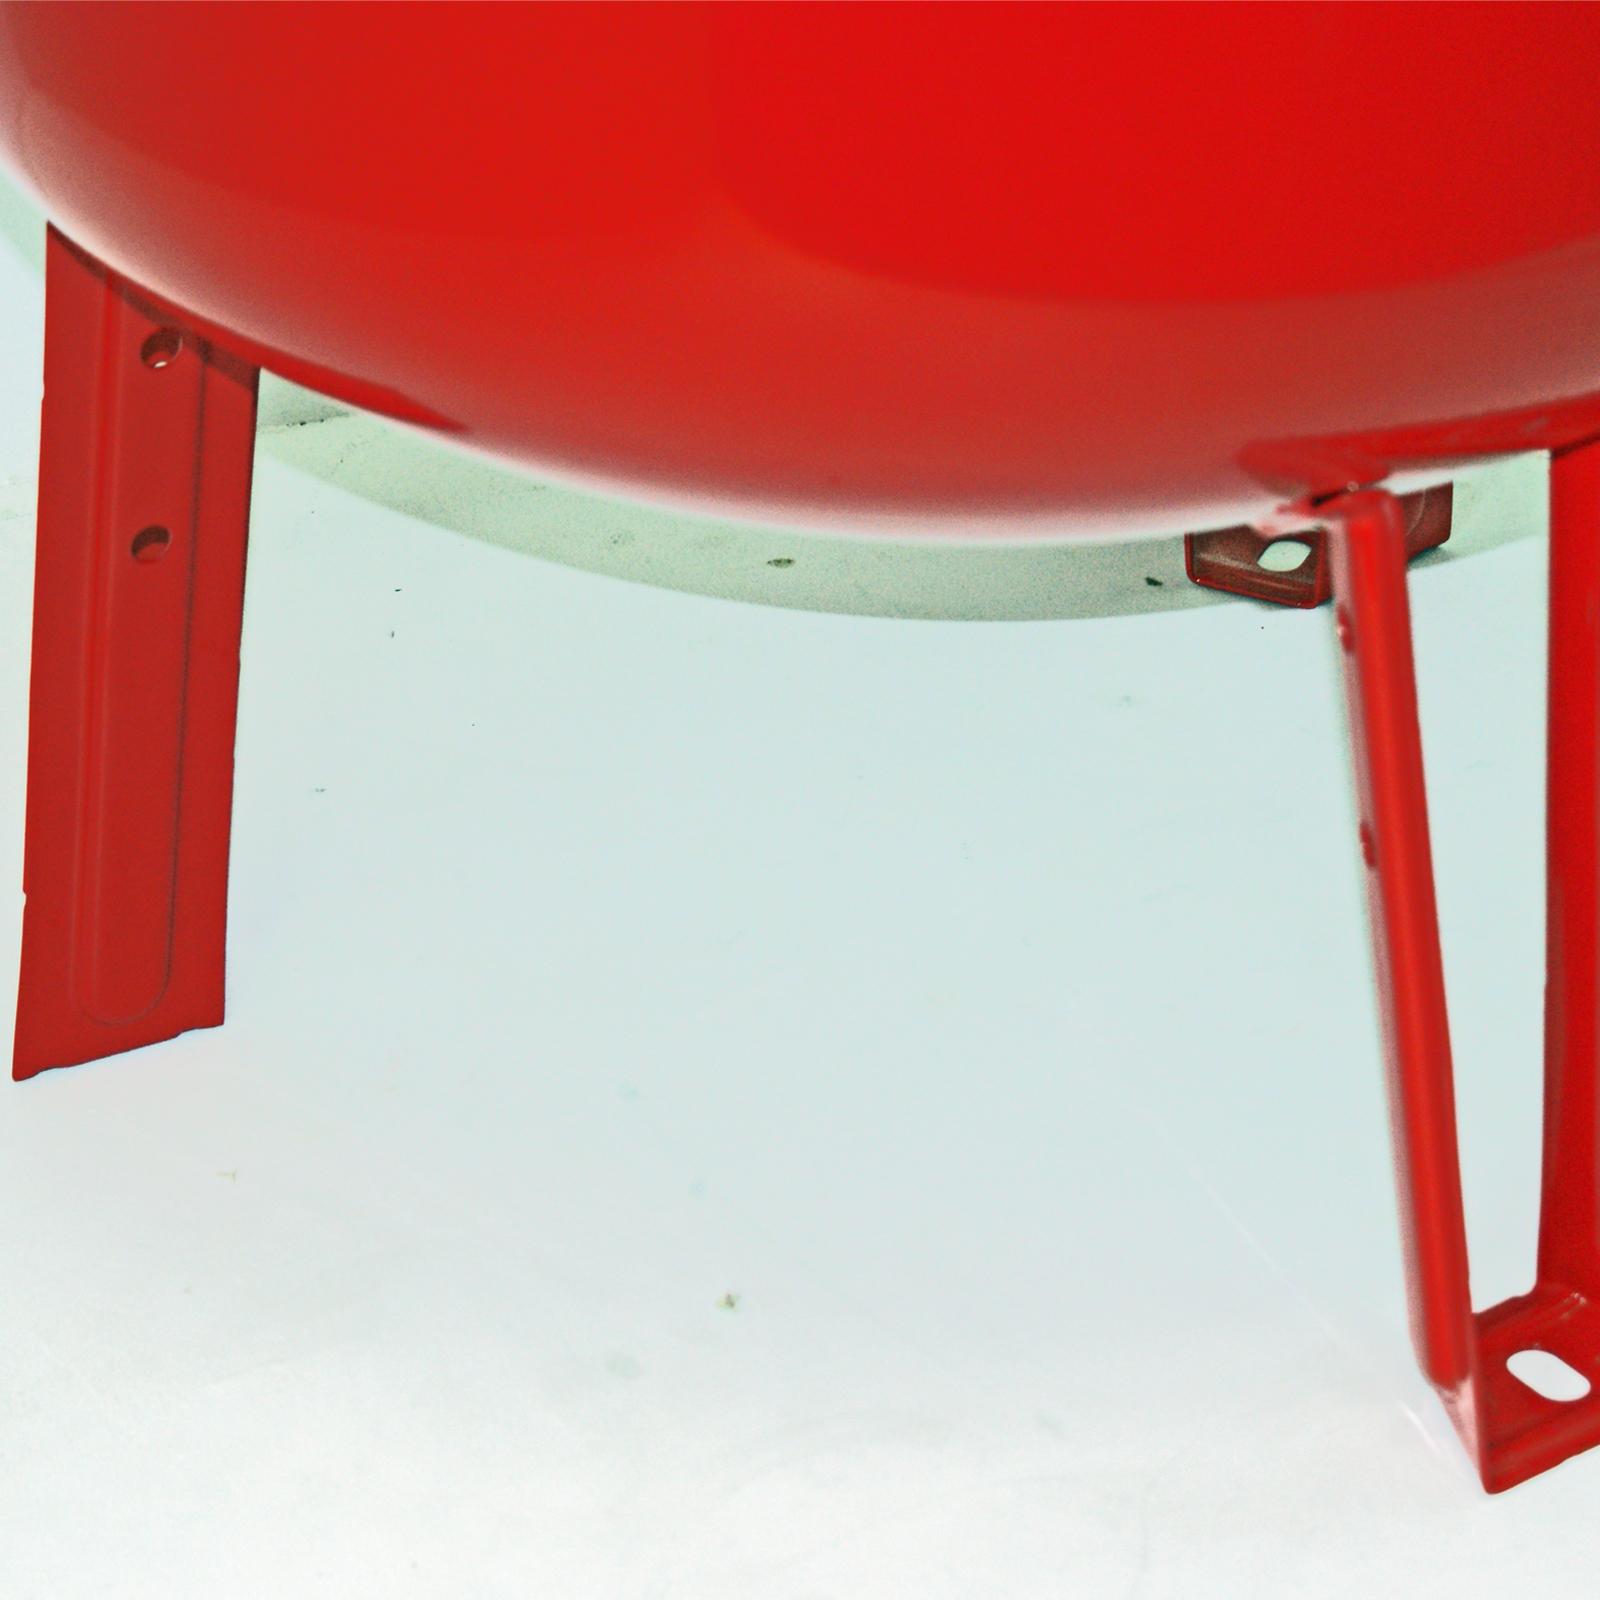 ausdehnungsgef 200l ausgleichsbeh lter rot stehend heizung. Black Bedroom Furniture Sets. Home Design Ideas